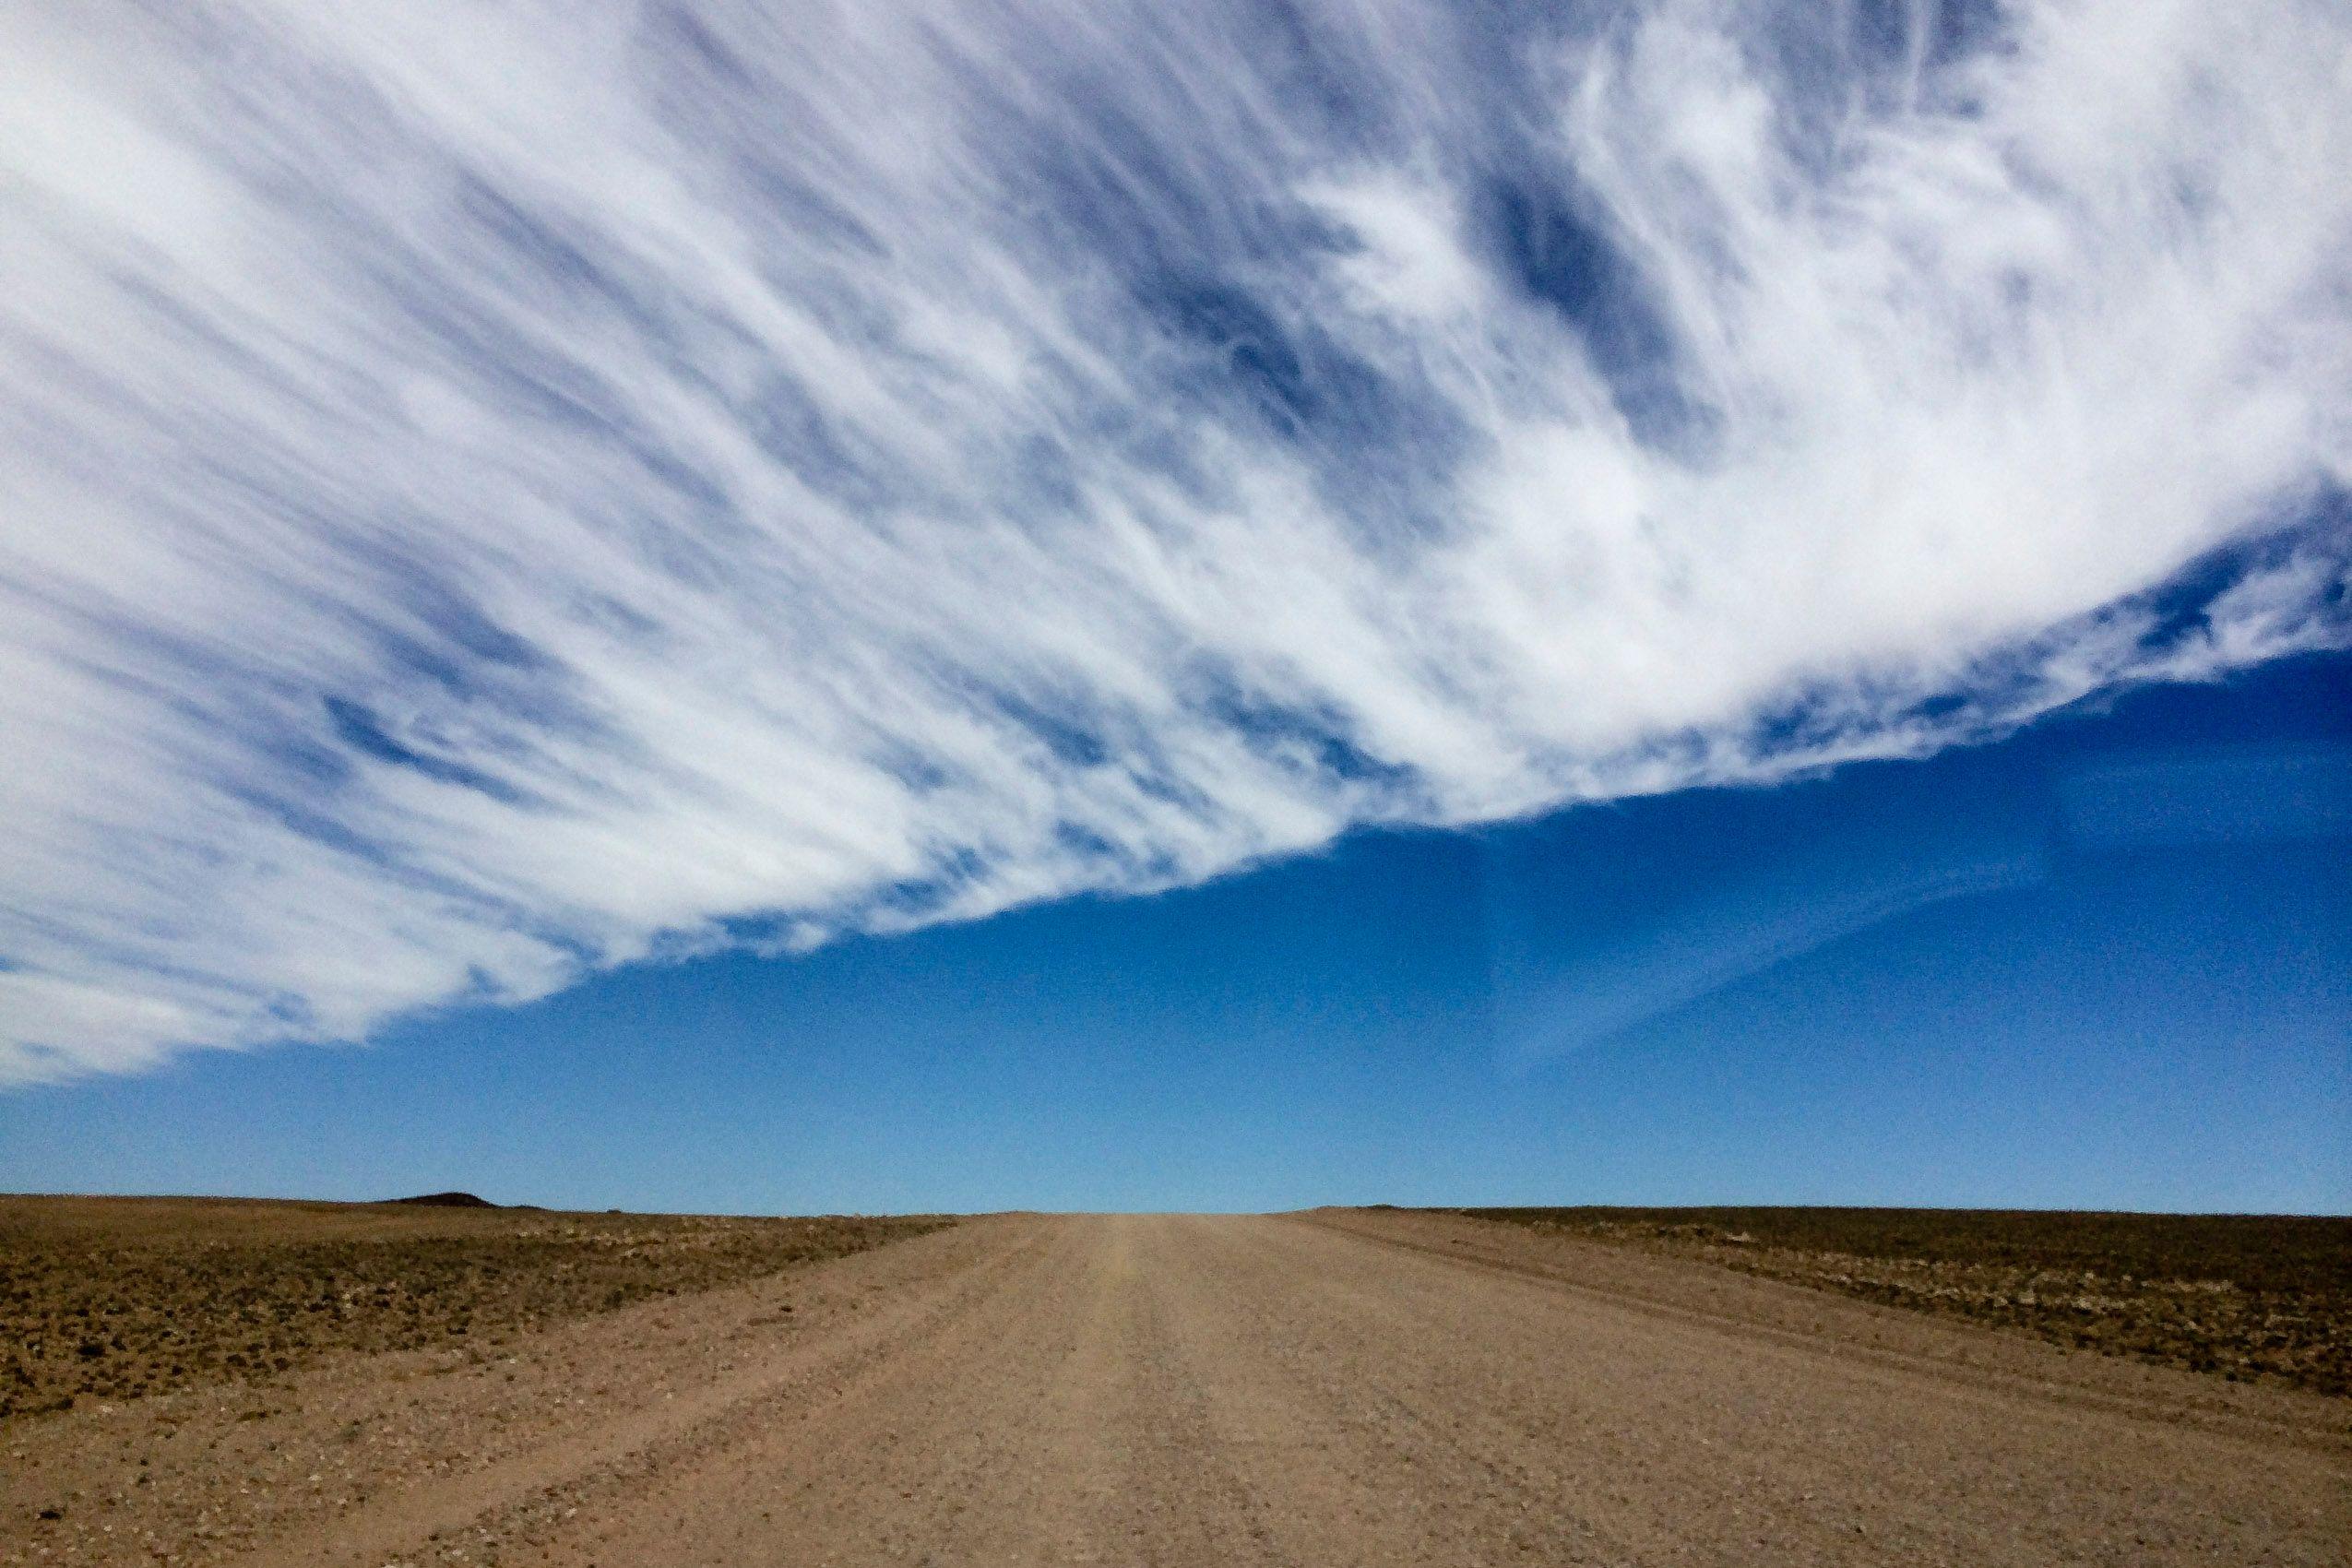 namibia_etosha_landscape_cloud.jpg